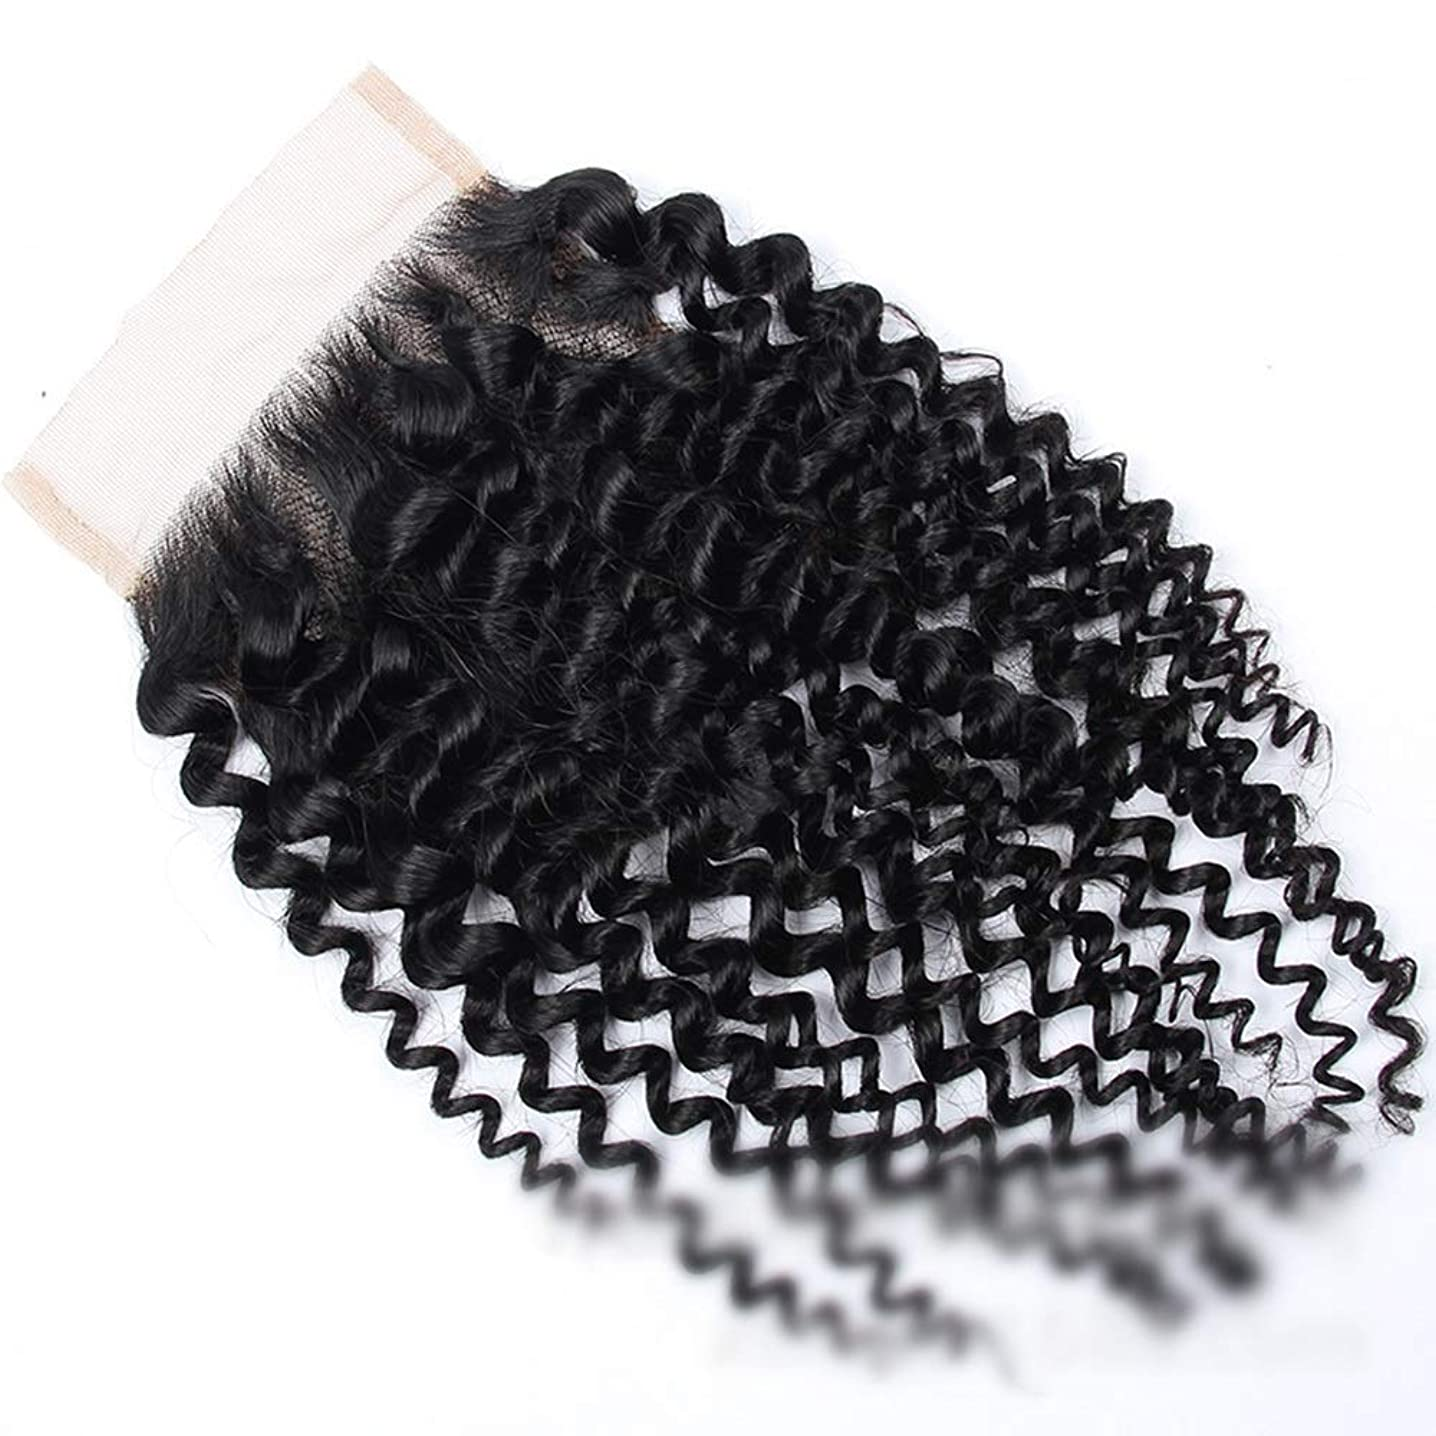 反対した周術期凝縮するかつら ブラジルのジェリーカーリー4×4レースクロージャーフリーパーツ人間の髪の毛の閉鎖ナチュラルカラー8インチ-20インチショートカーリーウィッグ (色 : 黒, サイズ : 10 inch)